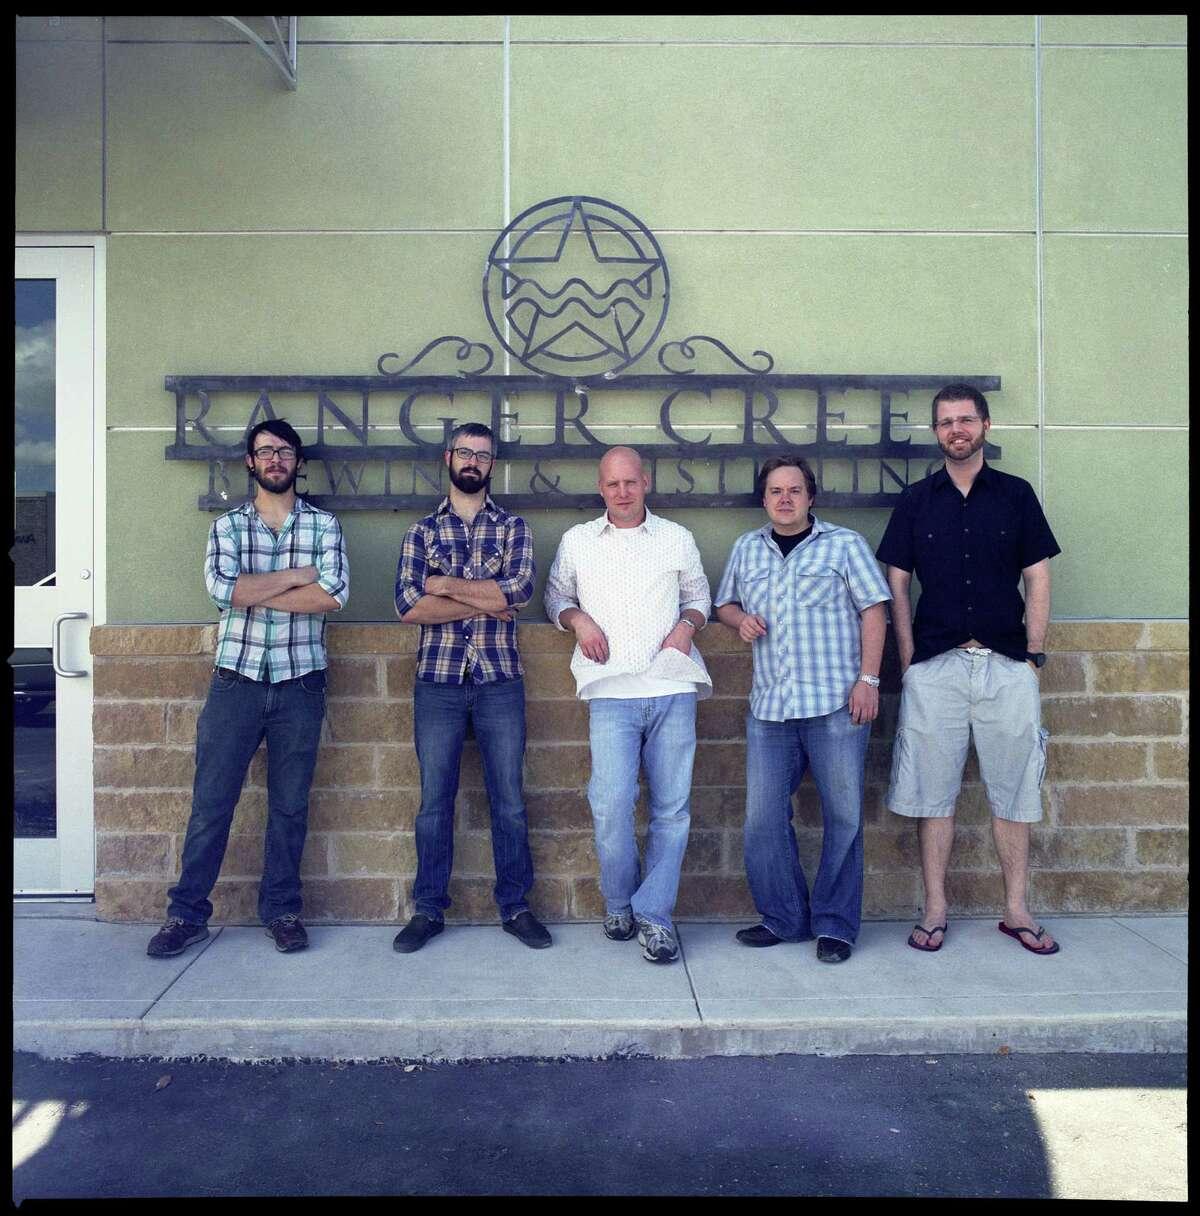 The Ranger Creek Brewing & Distilling team includes Pete Landerman (from left), assistant brewer; Rob Landerman, head brewer; T.J. Miller, co-founder/head distiller; Mark McDavid, co-founder/marketing; and Dennis Rylander, co-founder/finance.